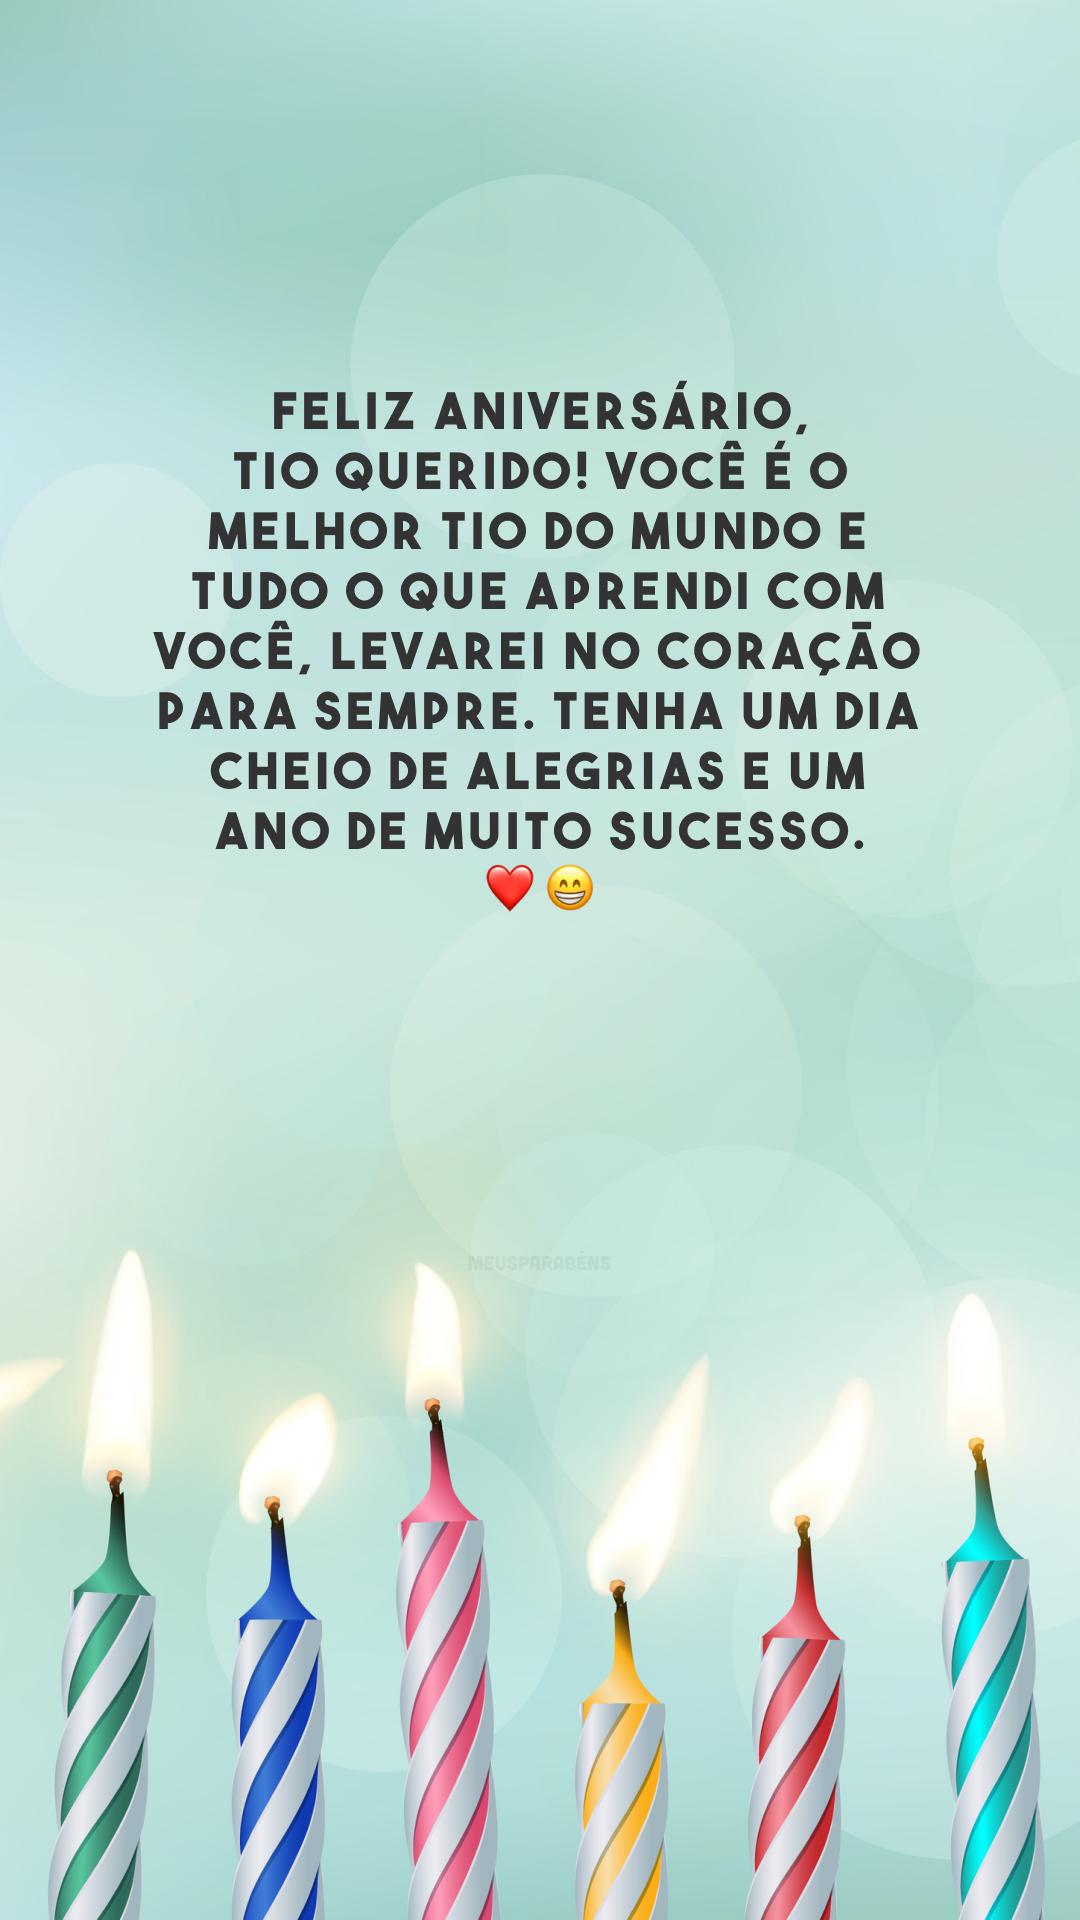 Feliz aniversário, tio querido! Você é o melhor tio do mundo e tudo o que aprendi com você, levarei no coração para sempre. Tenha um dia cheio de alegrias e um ano de muito sucesso. ❤️😁